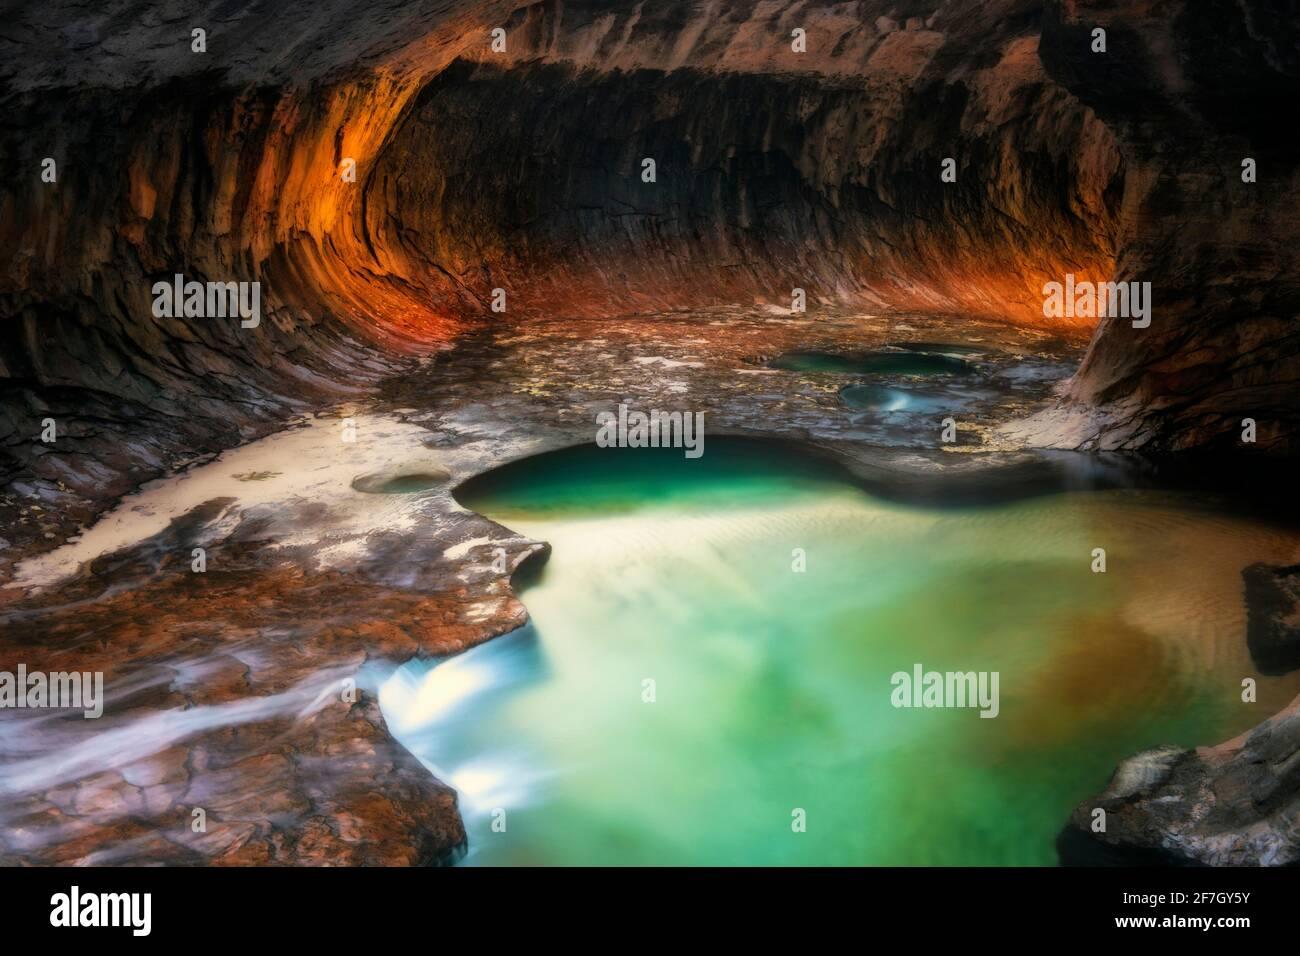 Une lumière réfléchissante illumine les parois du canyon de la fente en labyrinthe du Subway avec ses piscines émeraude dans le parc national de Zion. Banque D'Images